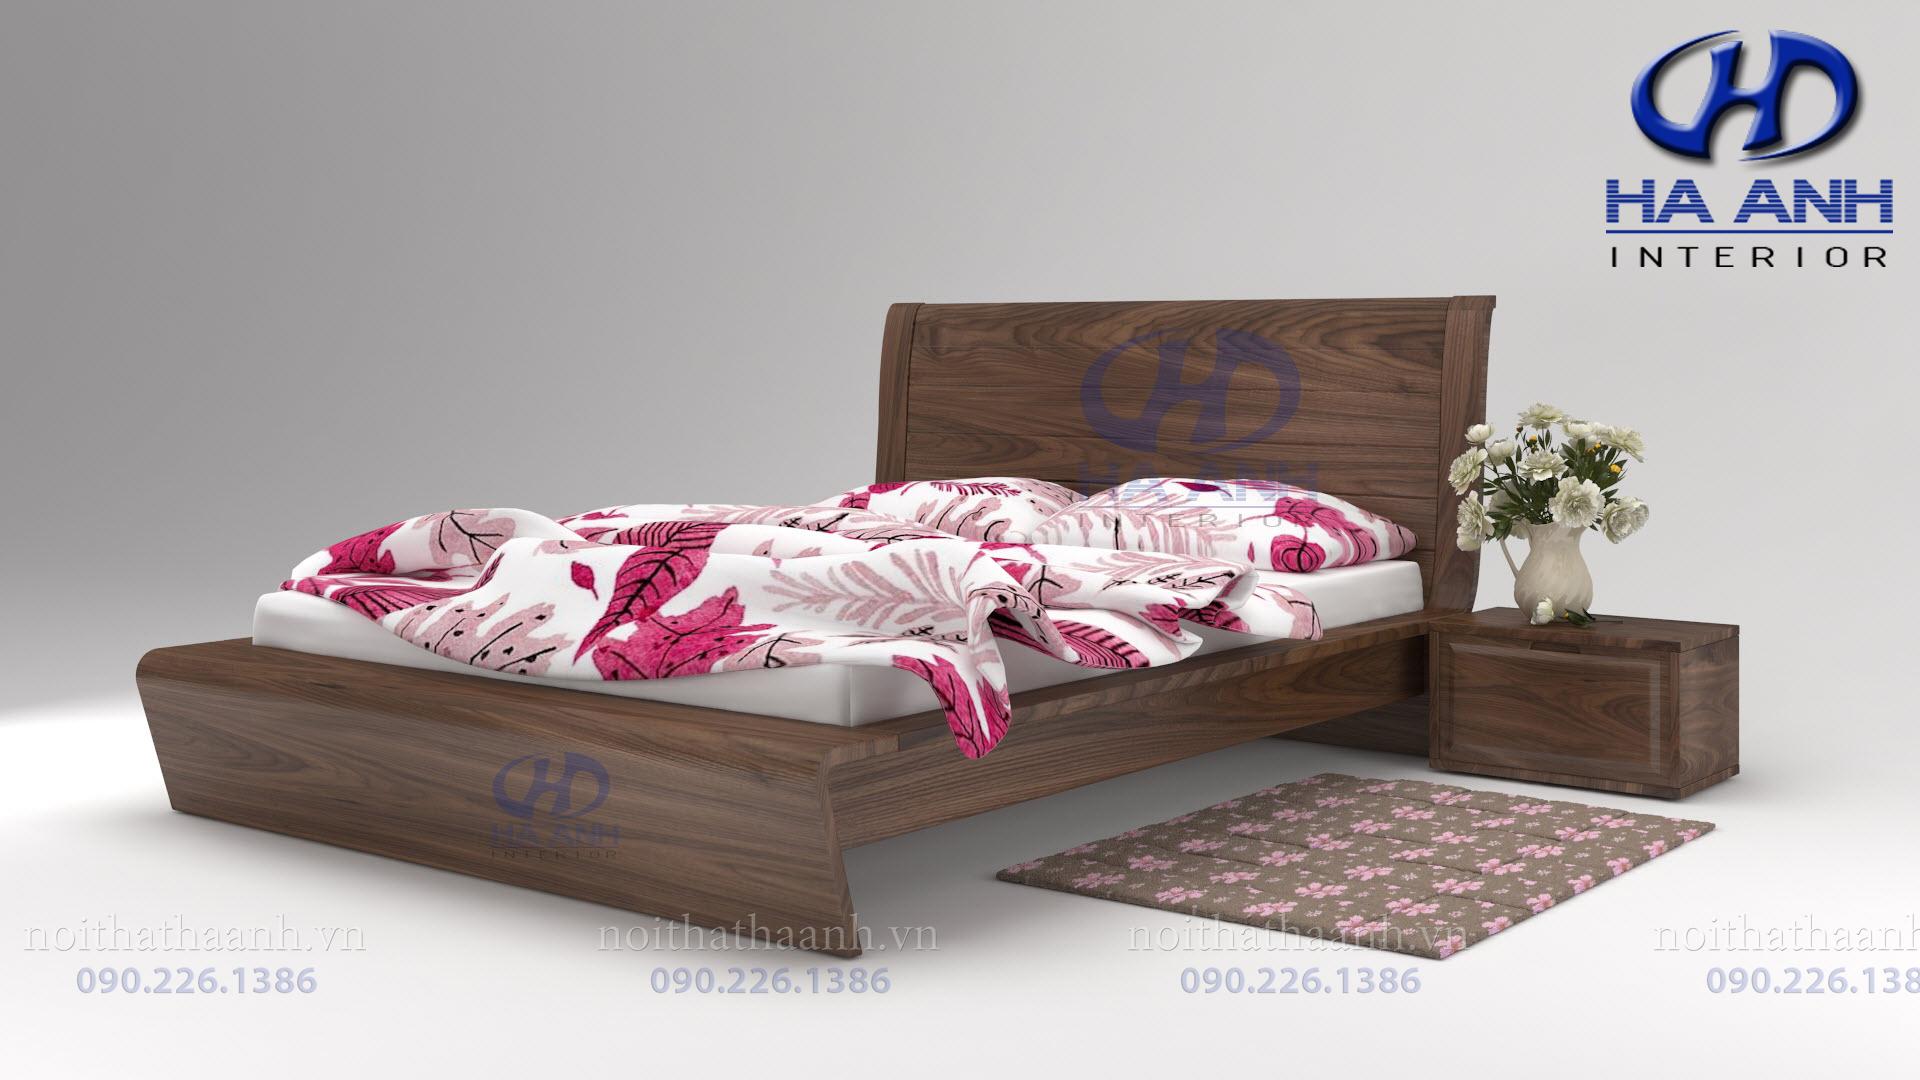 Giường gỗ Óc chó tự nhiên HAT-0228-1